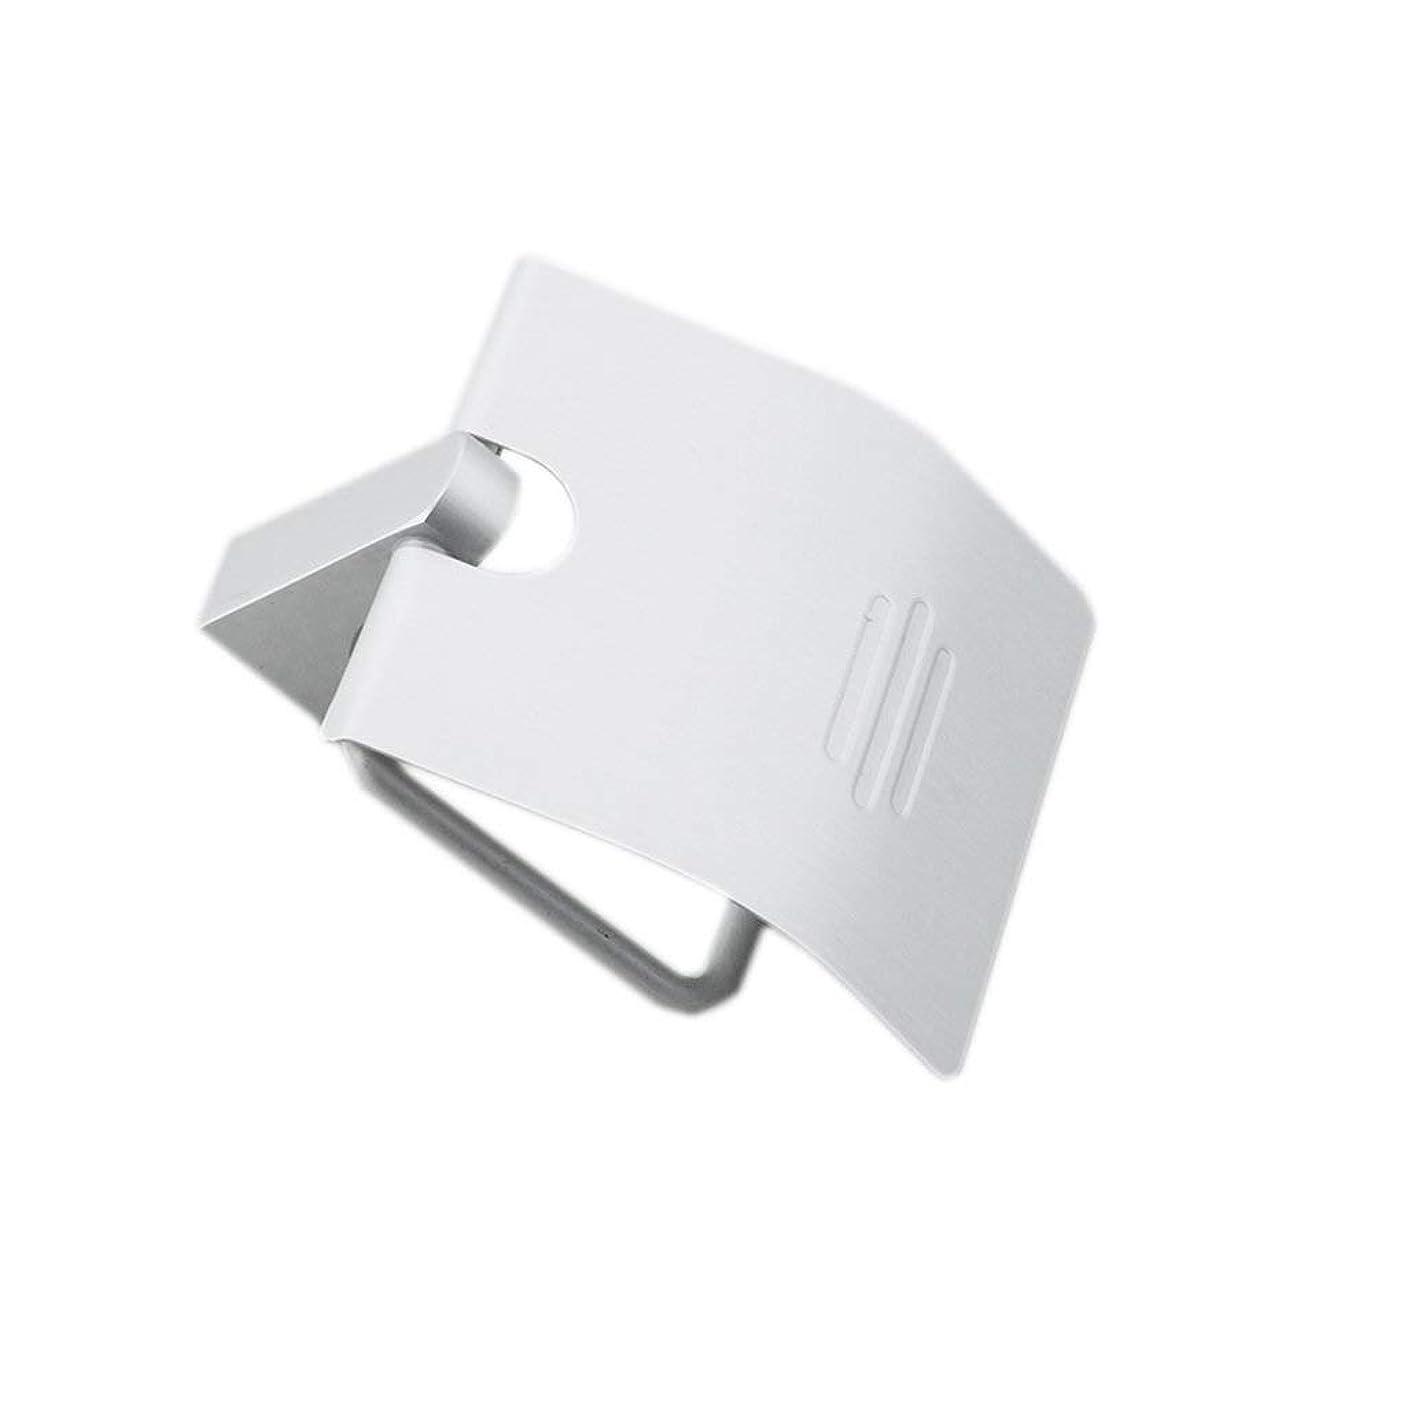 学期ヒロイン関与するZY-YY アルミトイレットペーパーシェルフファッションシンプルなホテル家庭の浴室台所の壁はマウント多機能環境保護材料は、防水ラックと防錆キッチンロールディスペンサー